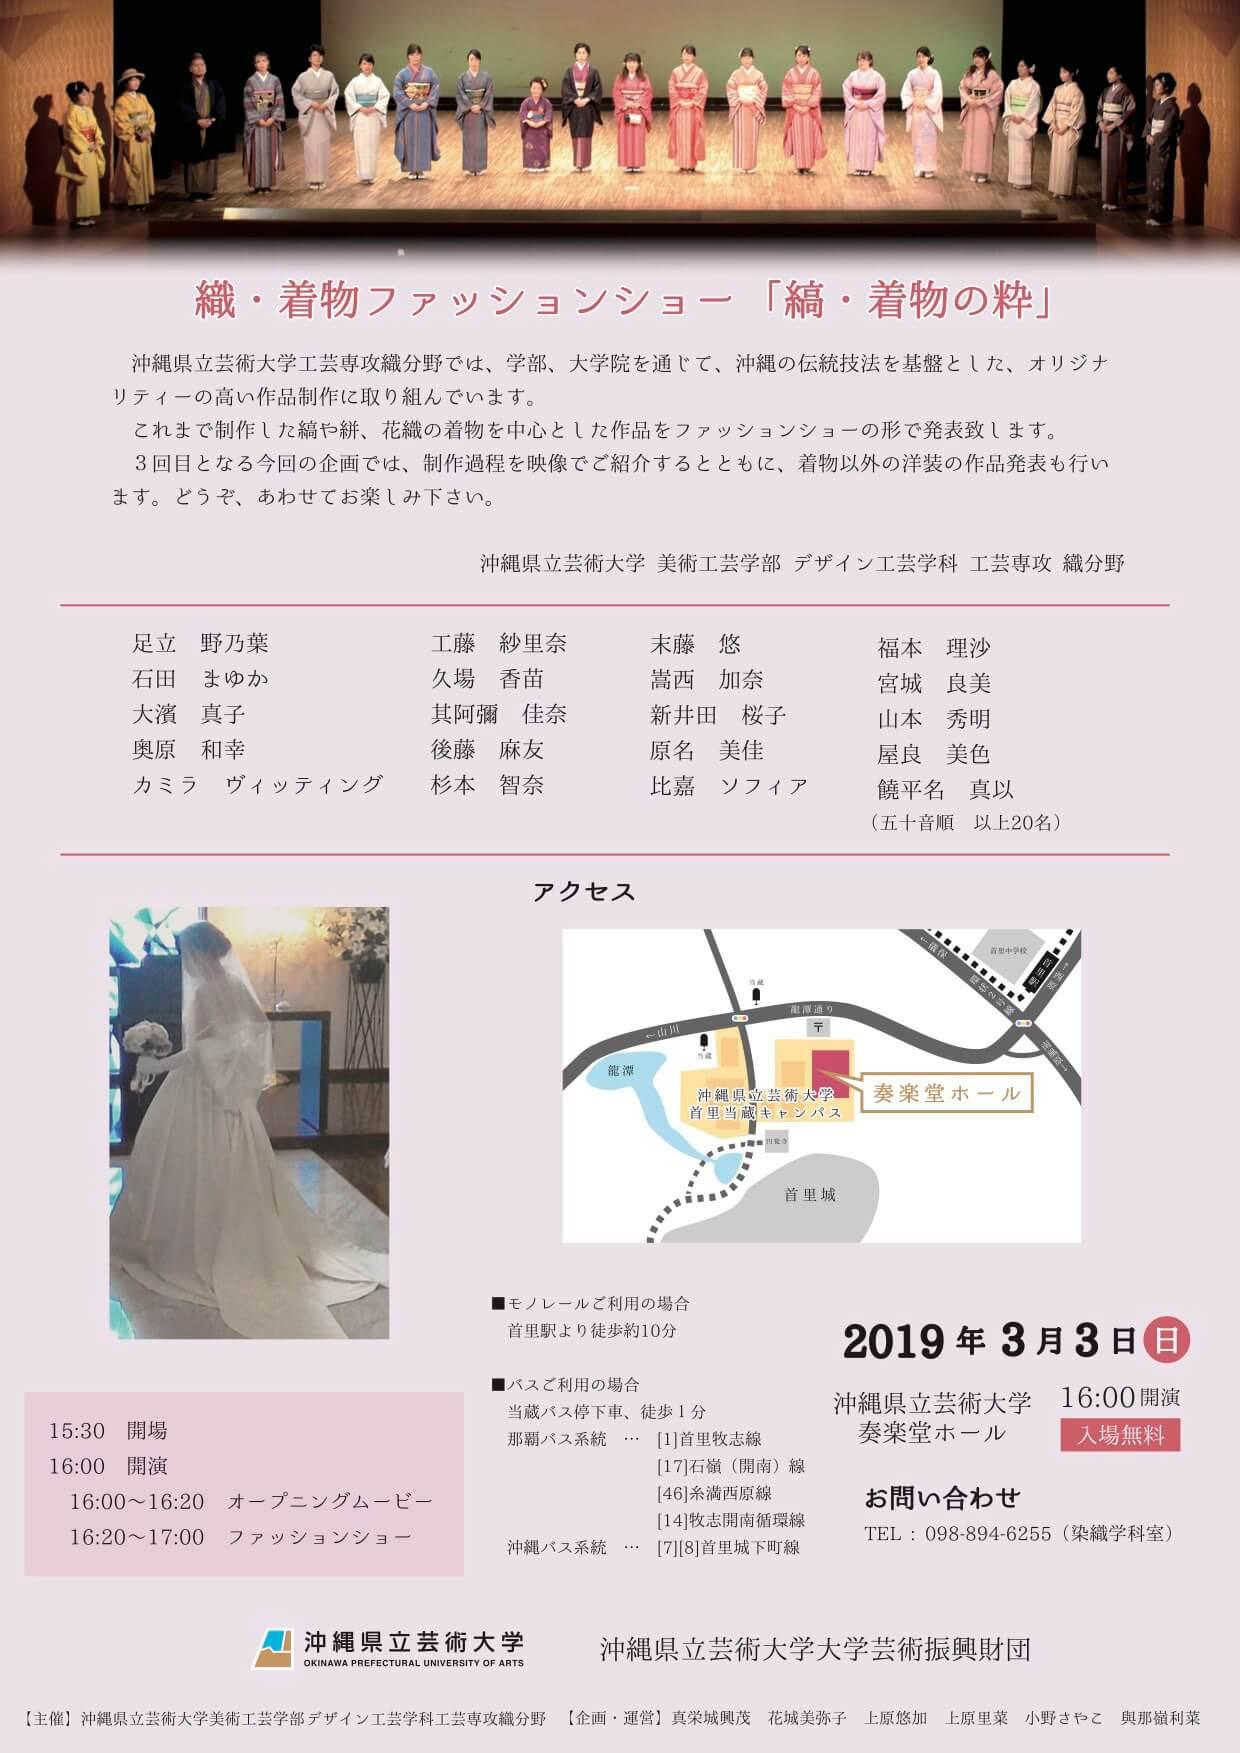 [フライヤー]織・着物 ファッションショー 「縞・着物の粋」(裏)